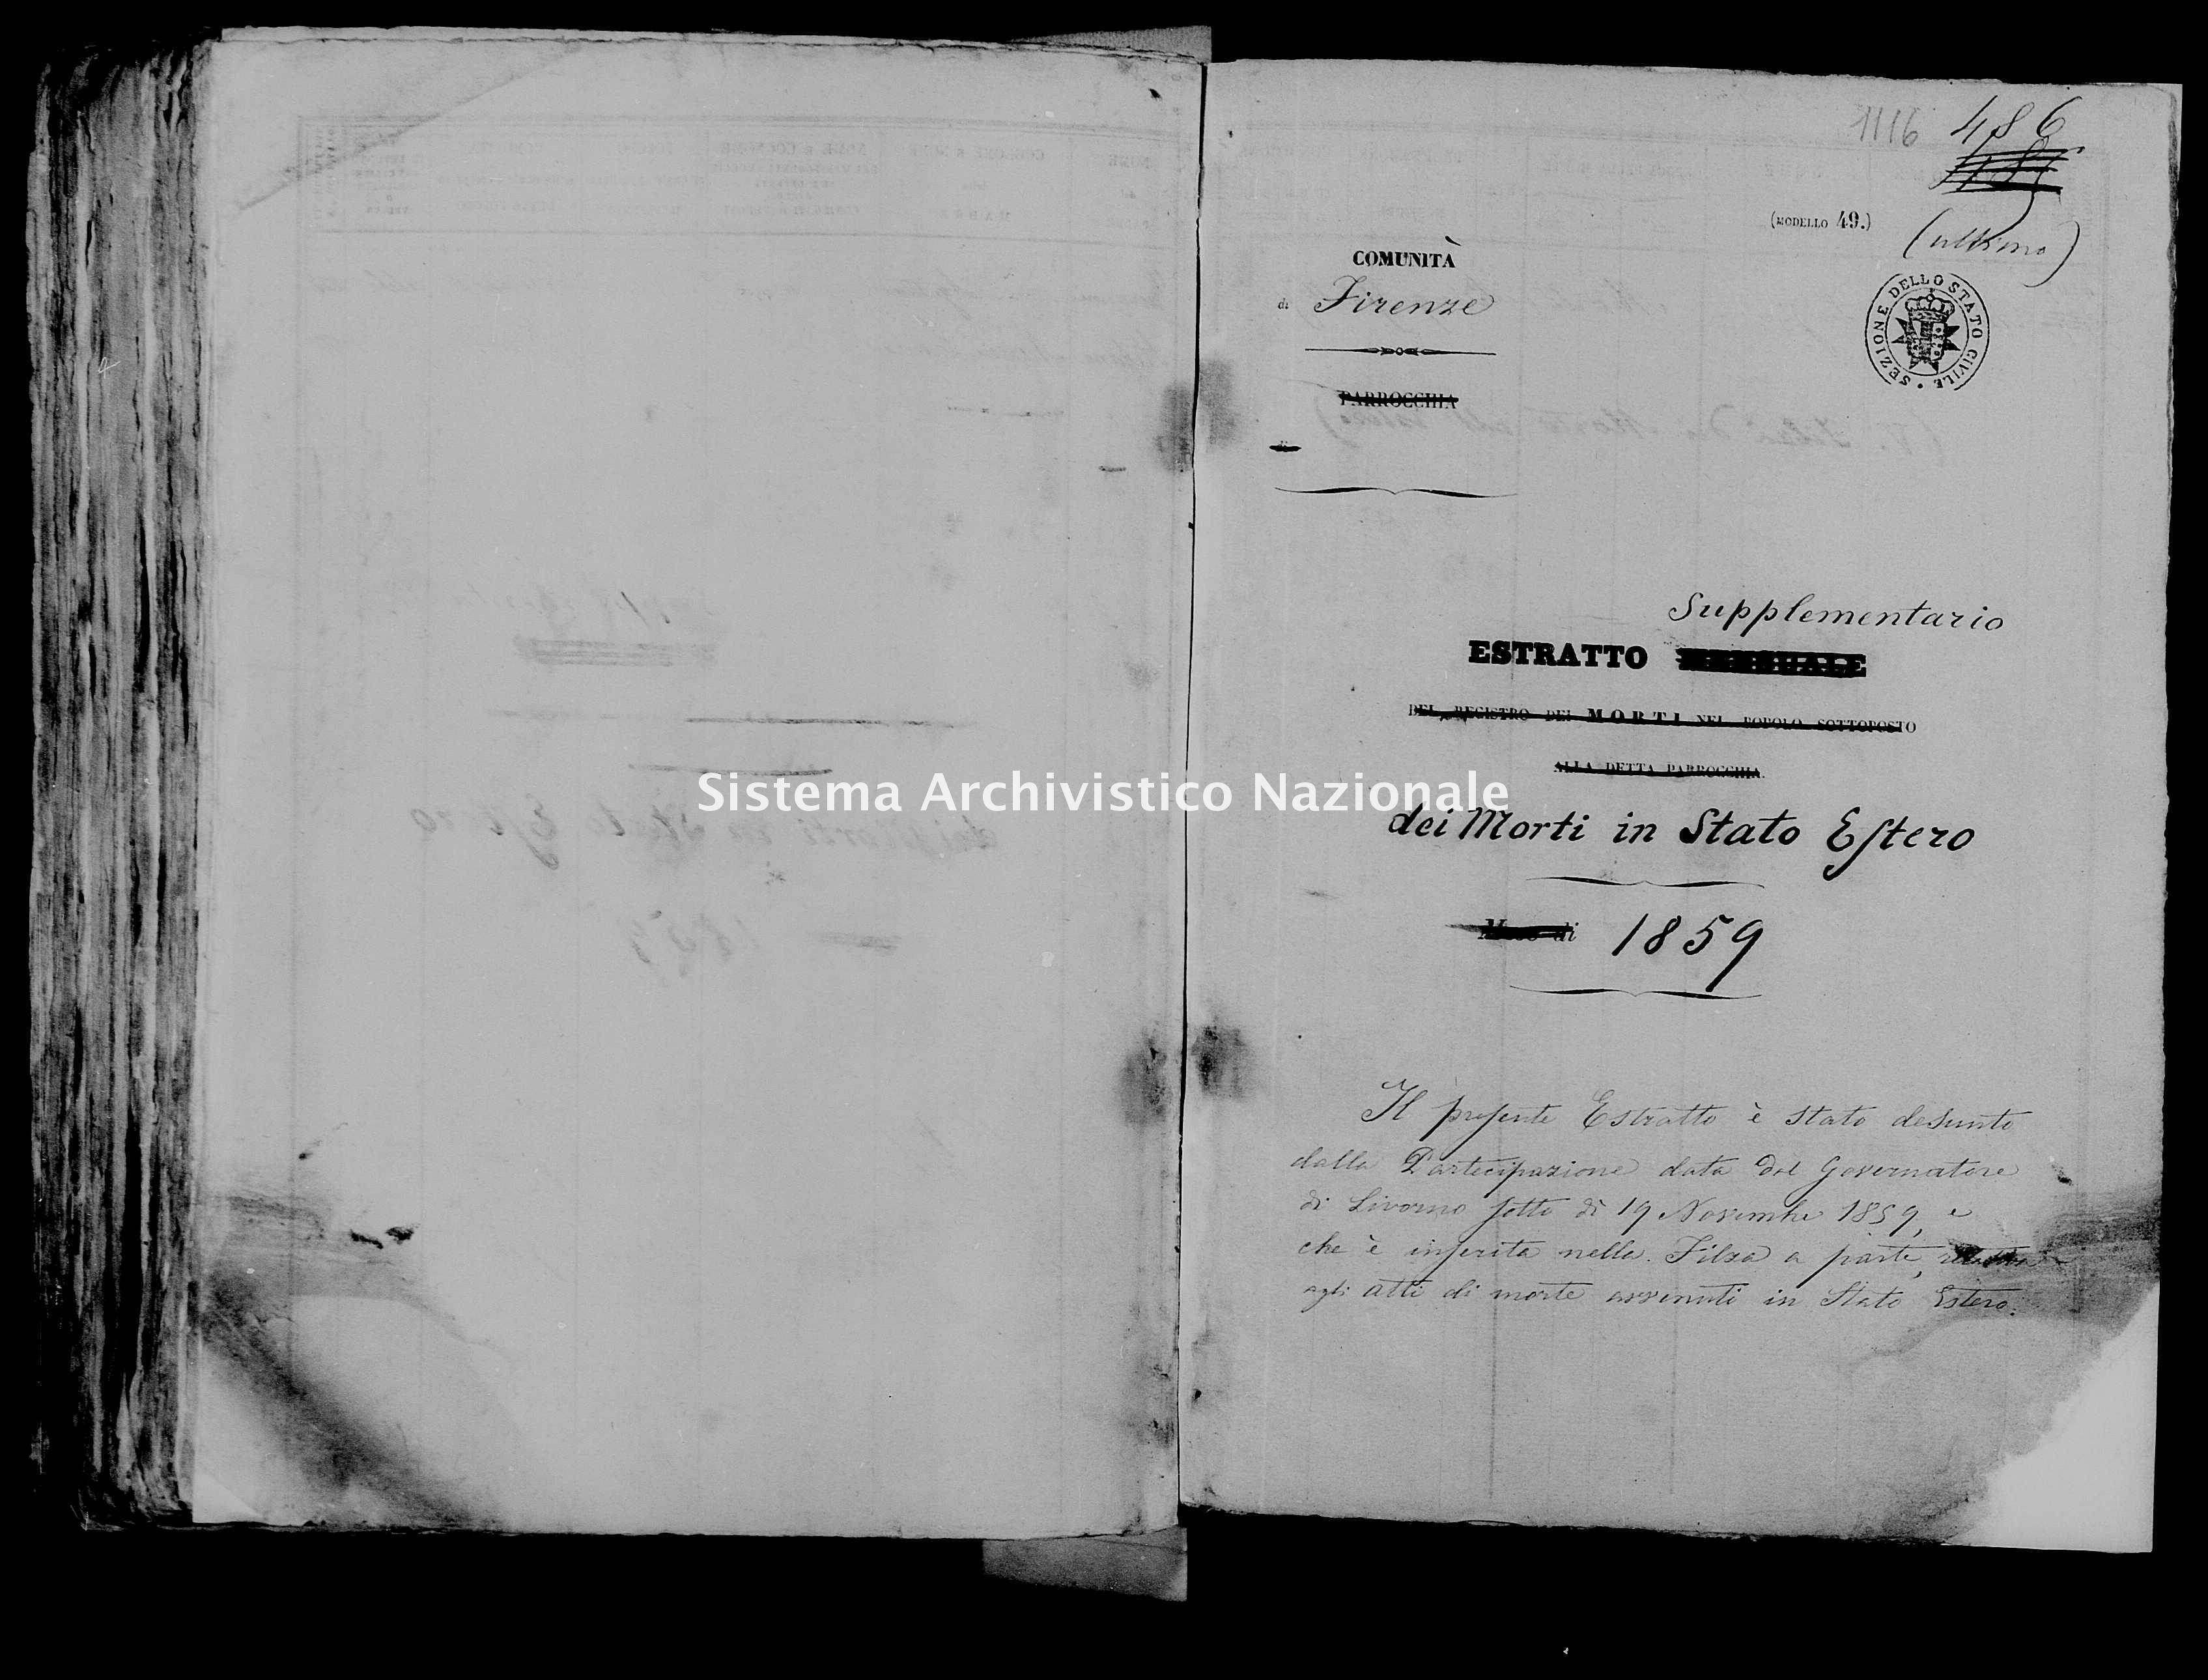 Archivio di stato di Firenze - Stato civile di Toscana (1808-1865) - Firenze - Morti, esteri - 1859 - 2114, Parte 2 -